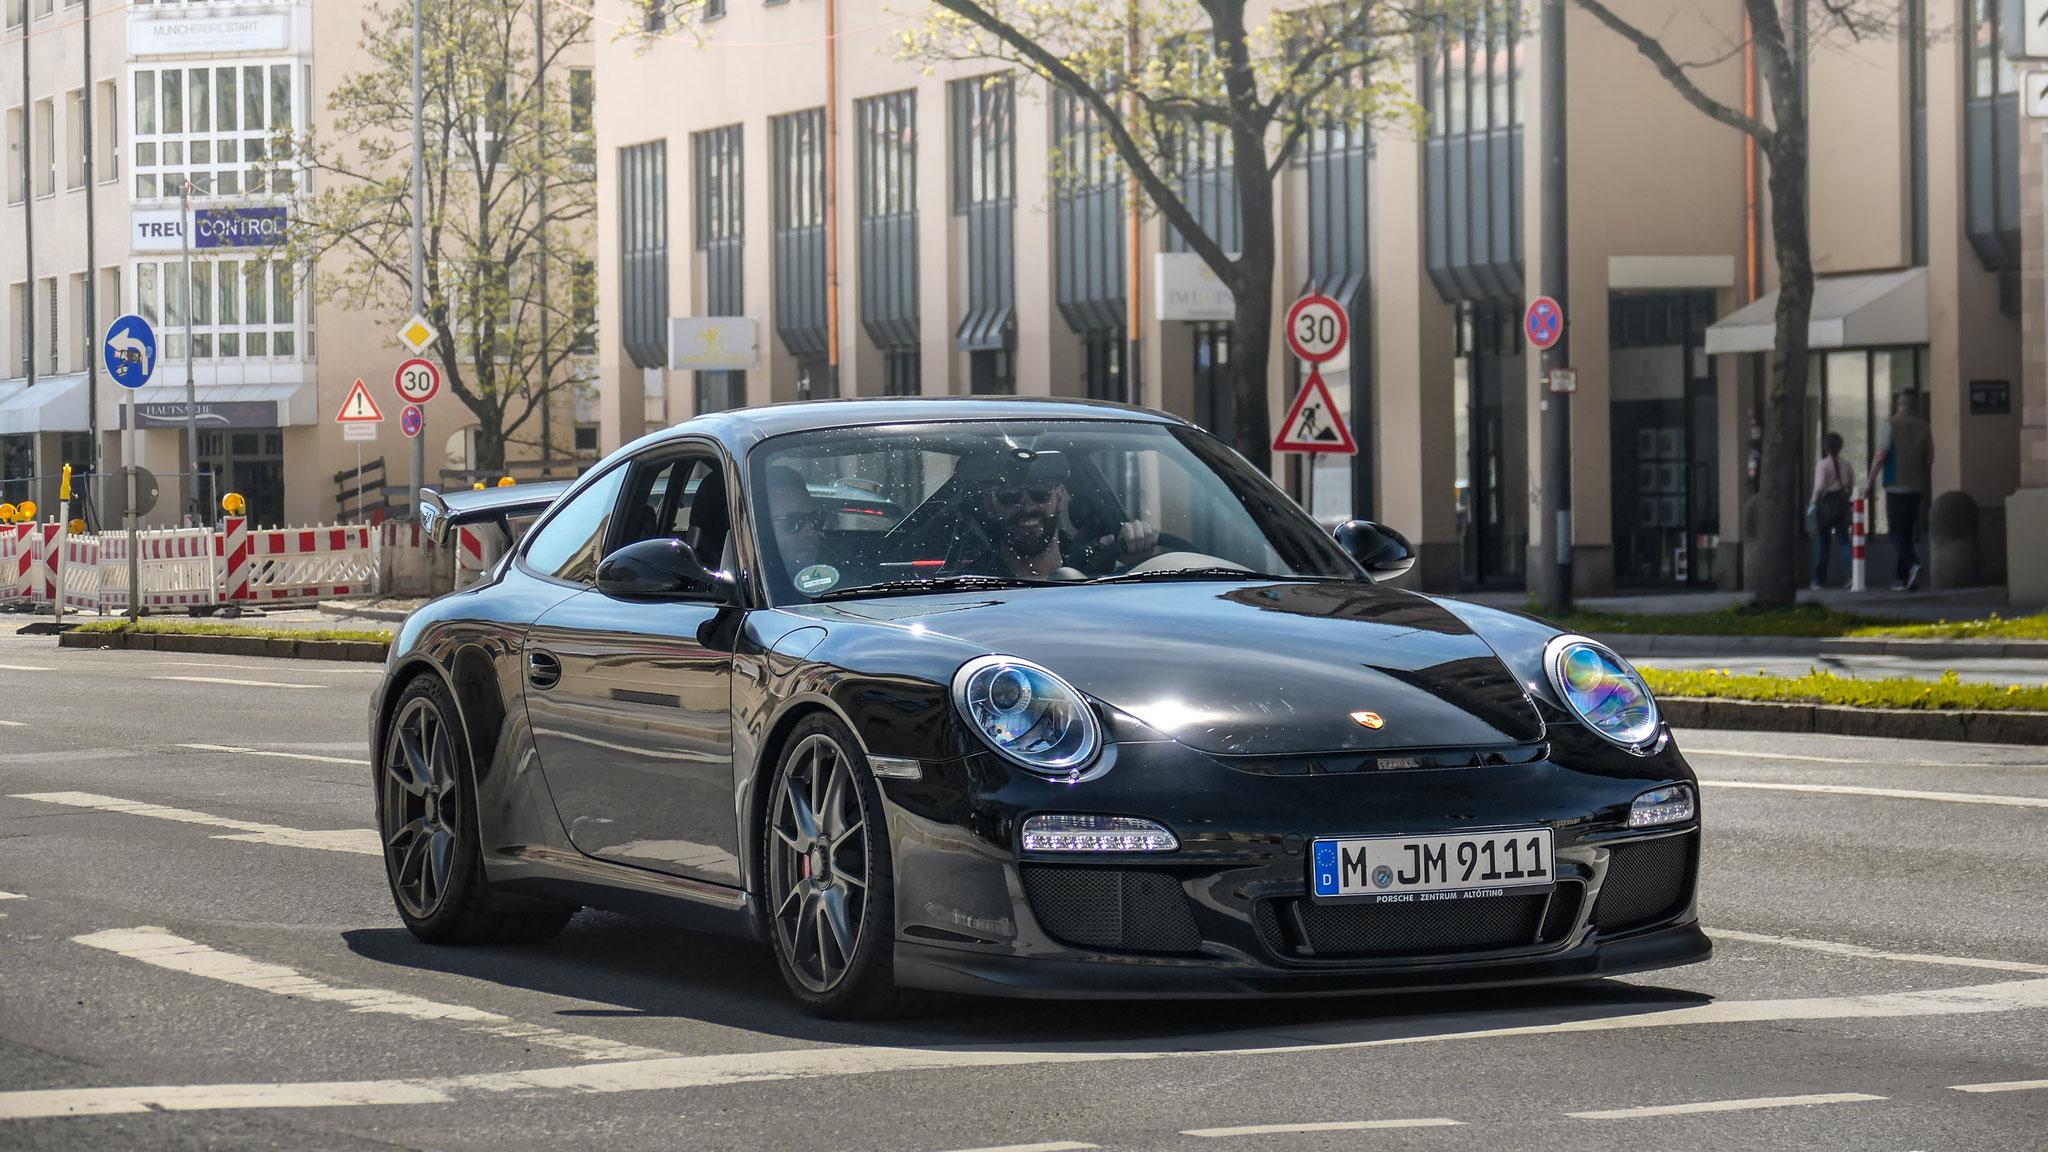 Porsche GT3 997 - M-JM-9111